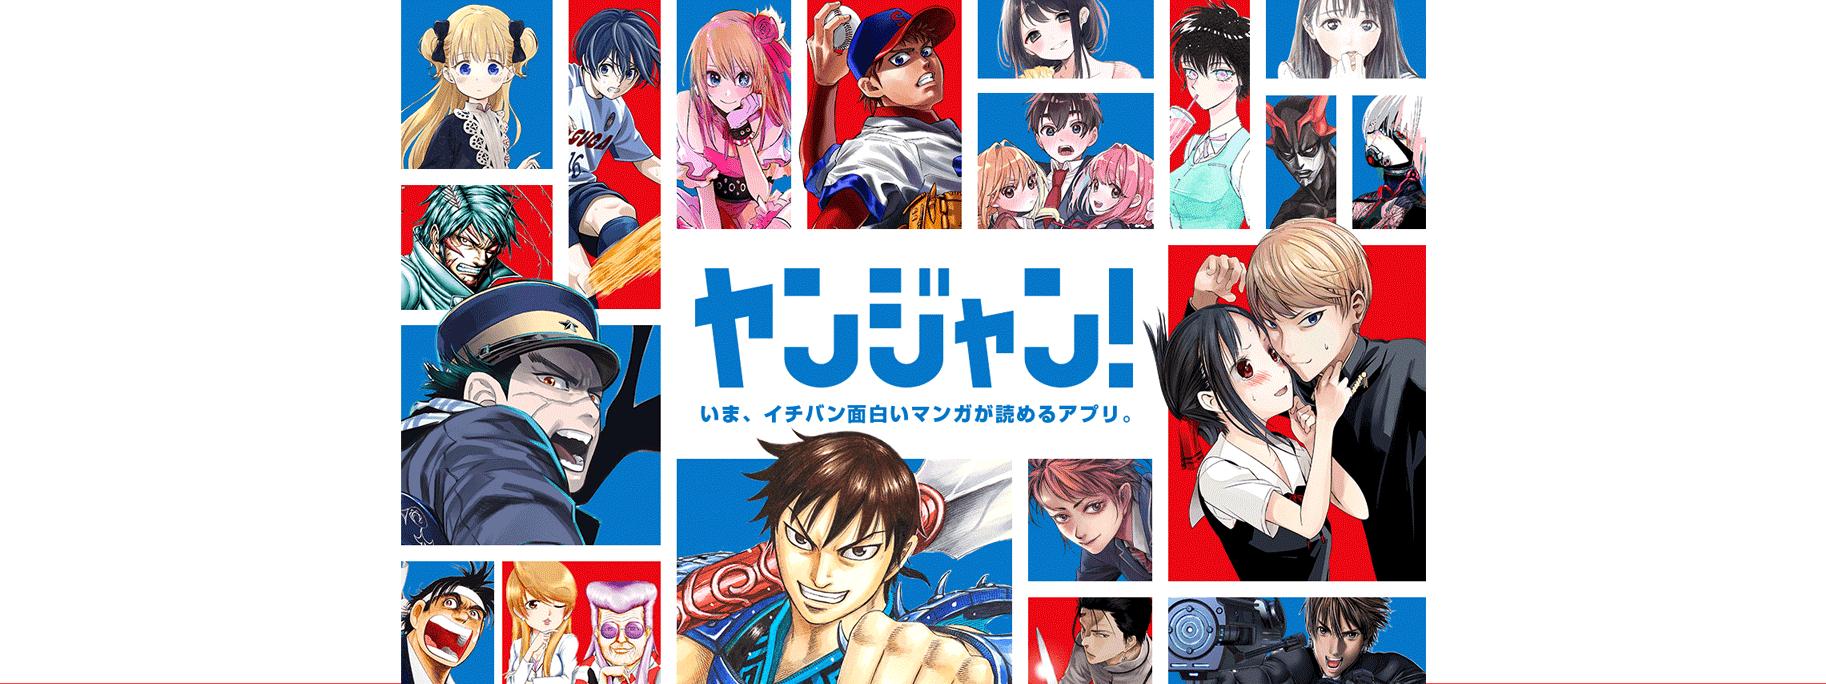 マンガアプリで集英社の面白いマンガが読める!「ヤンジャン!」